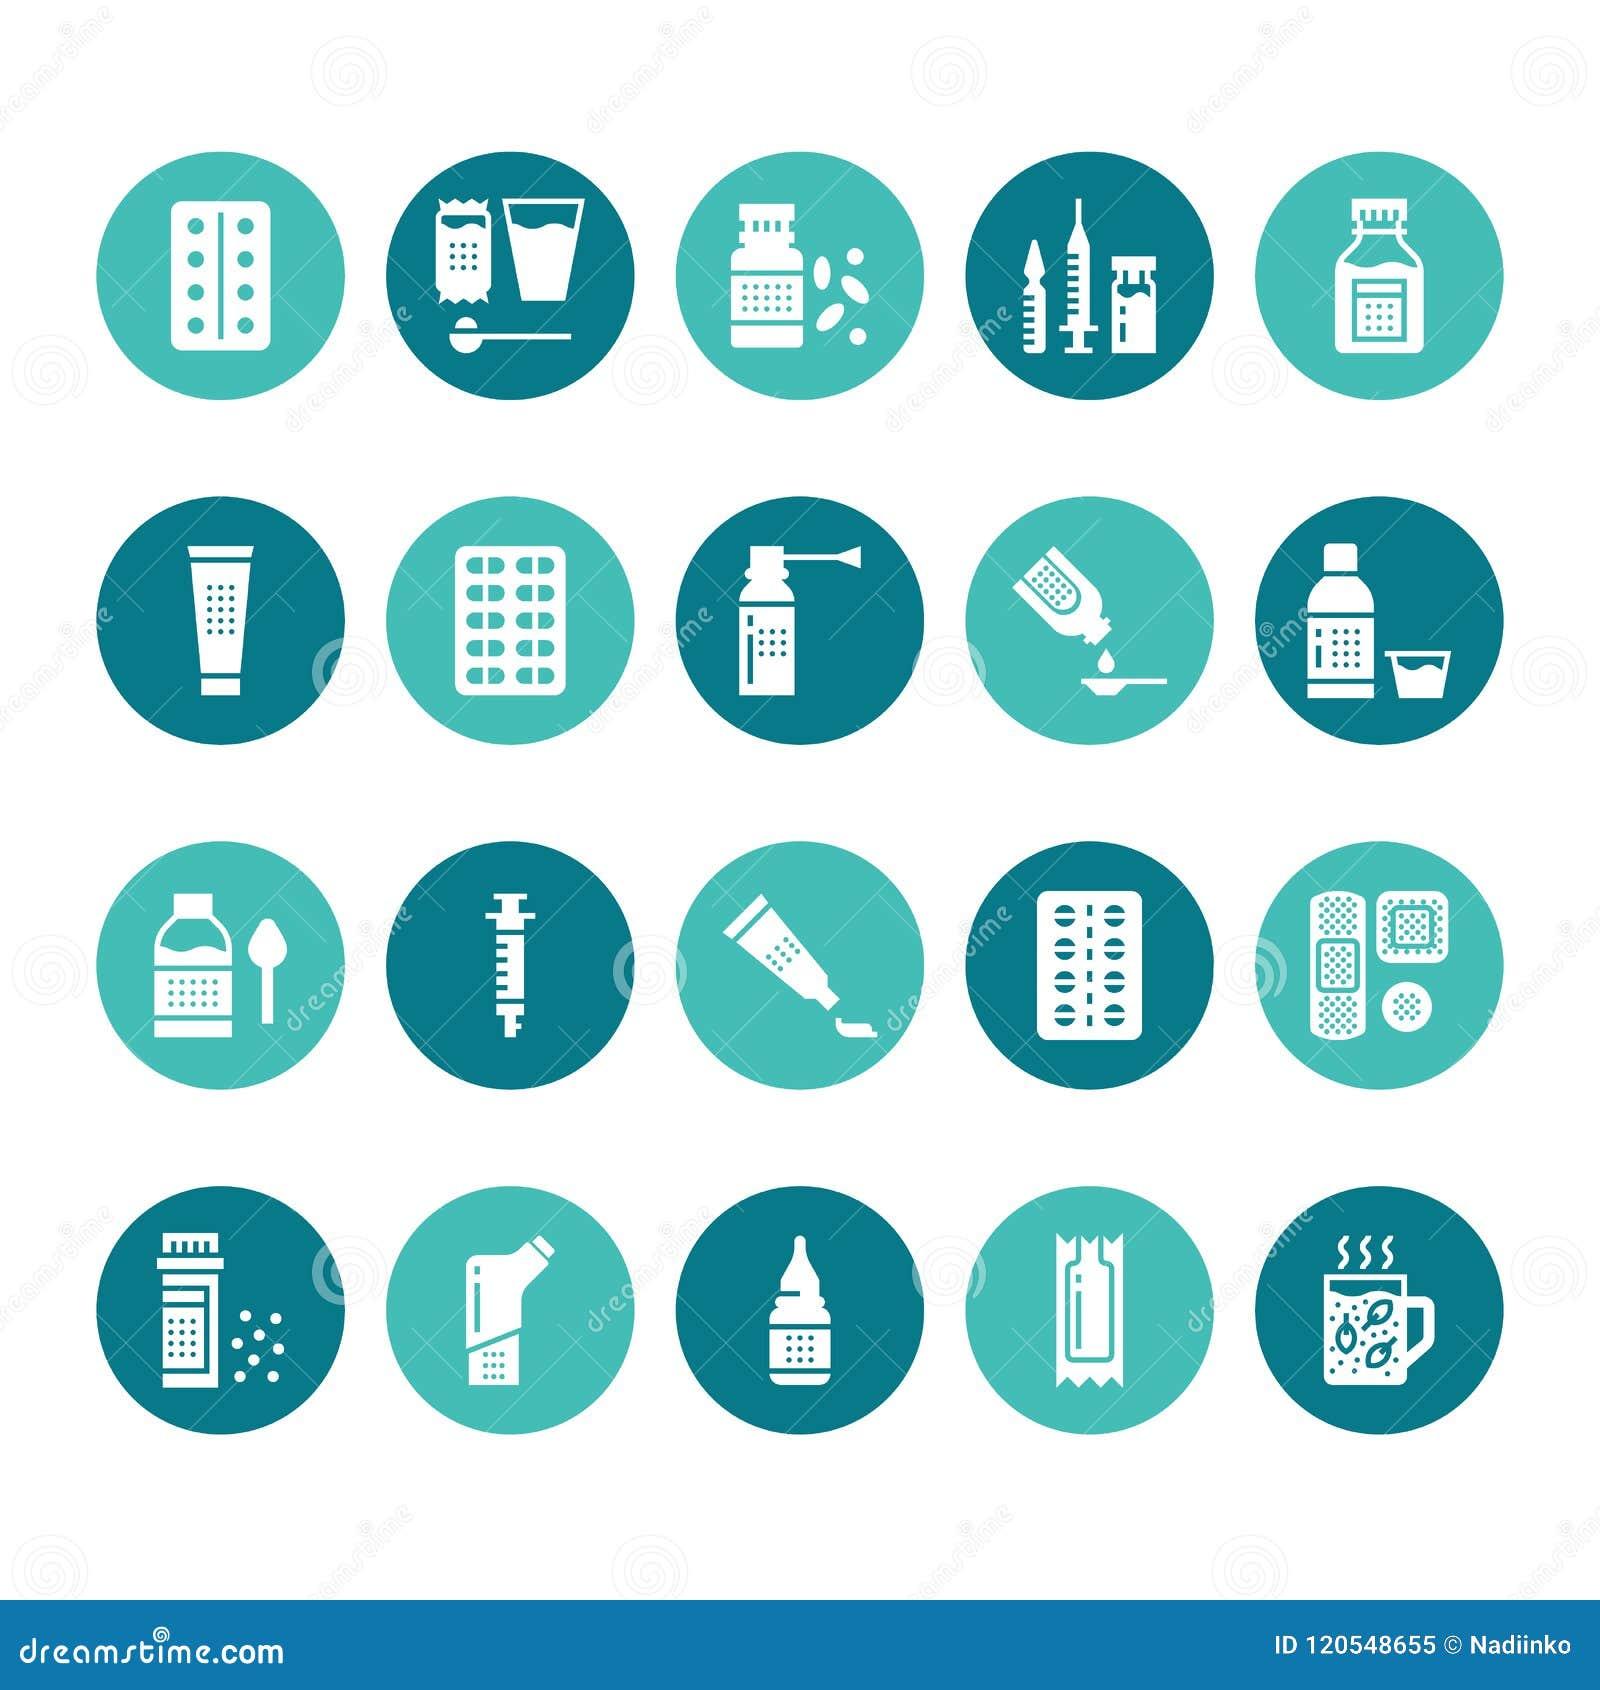 Medizin, Dosierungsformen Glyphikonen Apotheke, Tablette, Kapseln, Pillen, Antibiotika, Vitamine, Schmerzmittel medizinisch